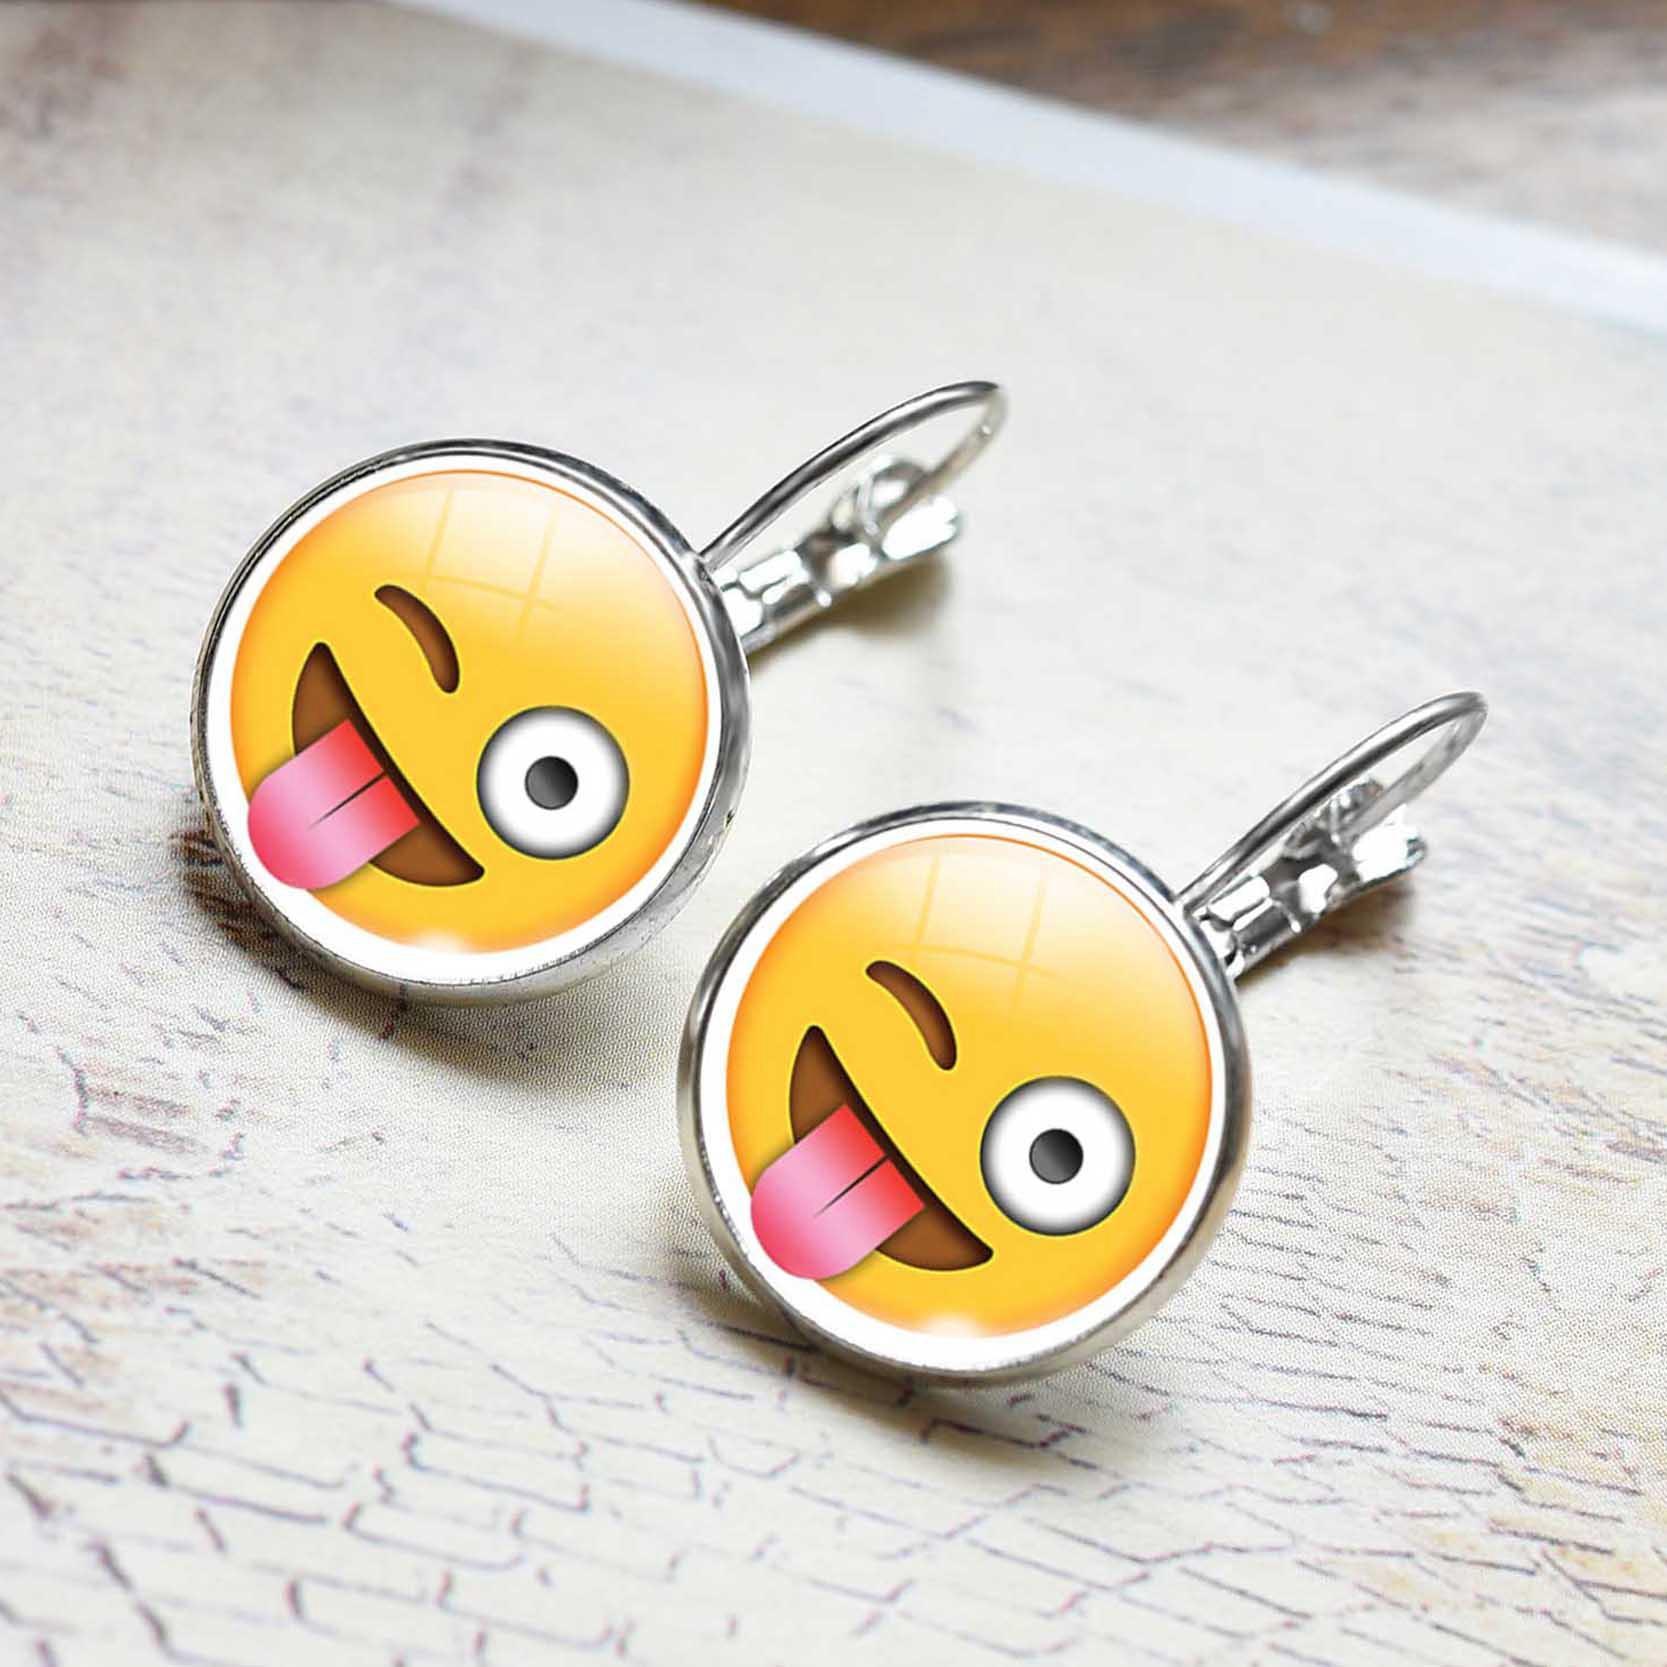 LIEBE ENGEL Nette Schmuck Ohrstecker Emoji Bild Emoticons Glas Cabochon Ohrringe Für Frauen Silber Farbe Zubehör Mode